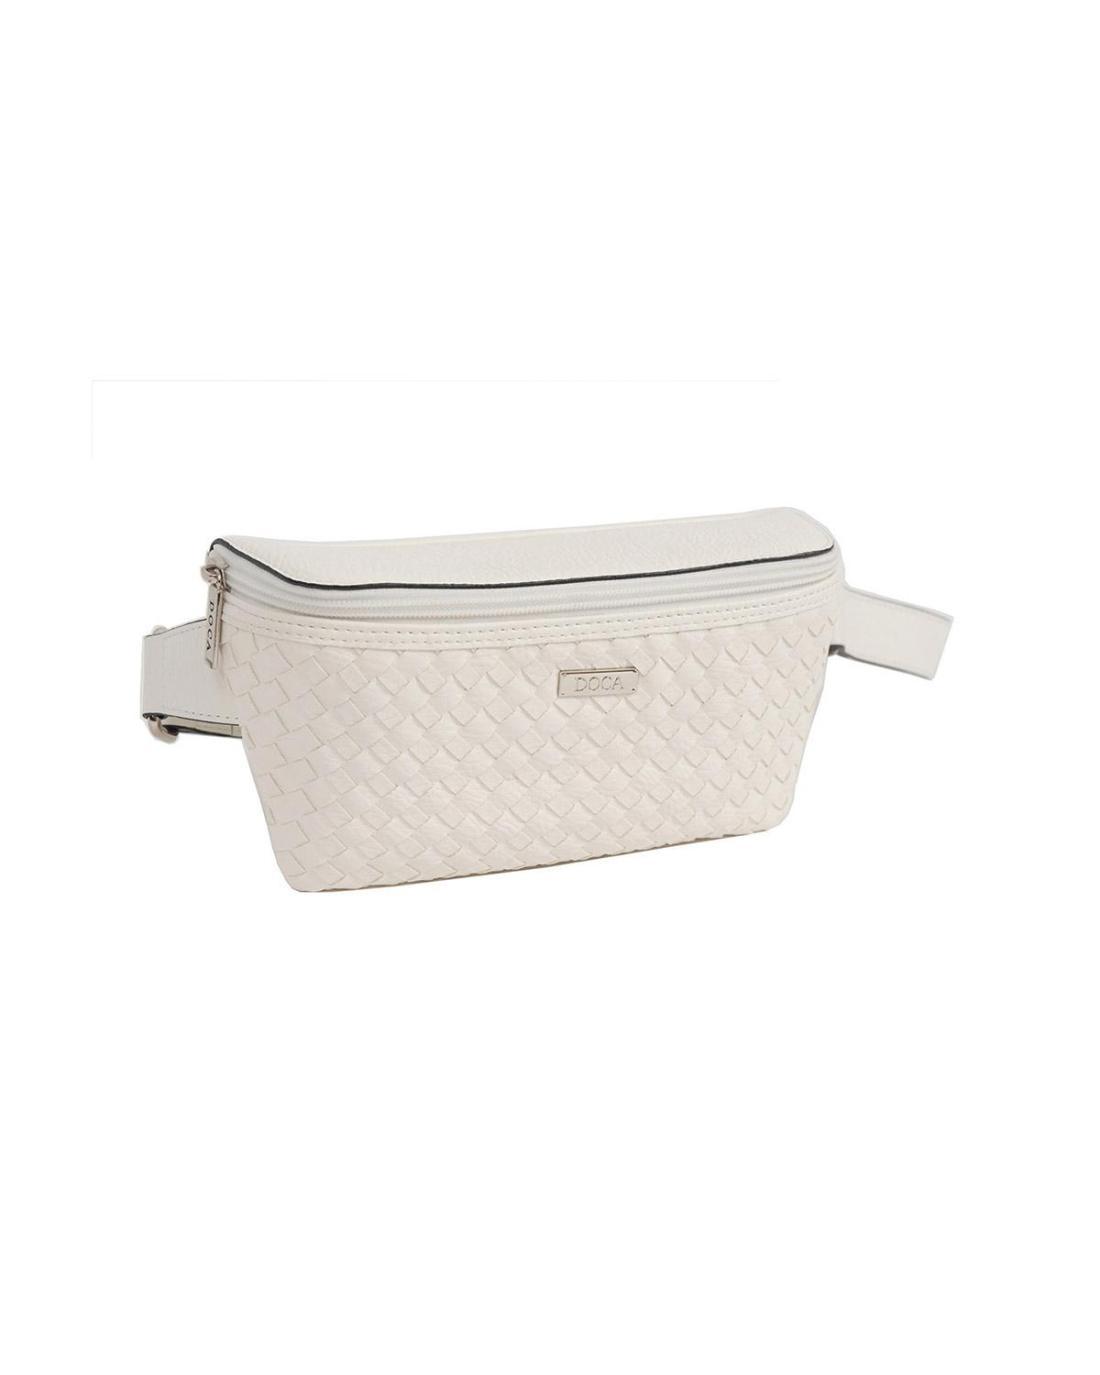 White belt bag